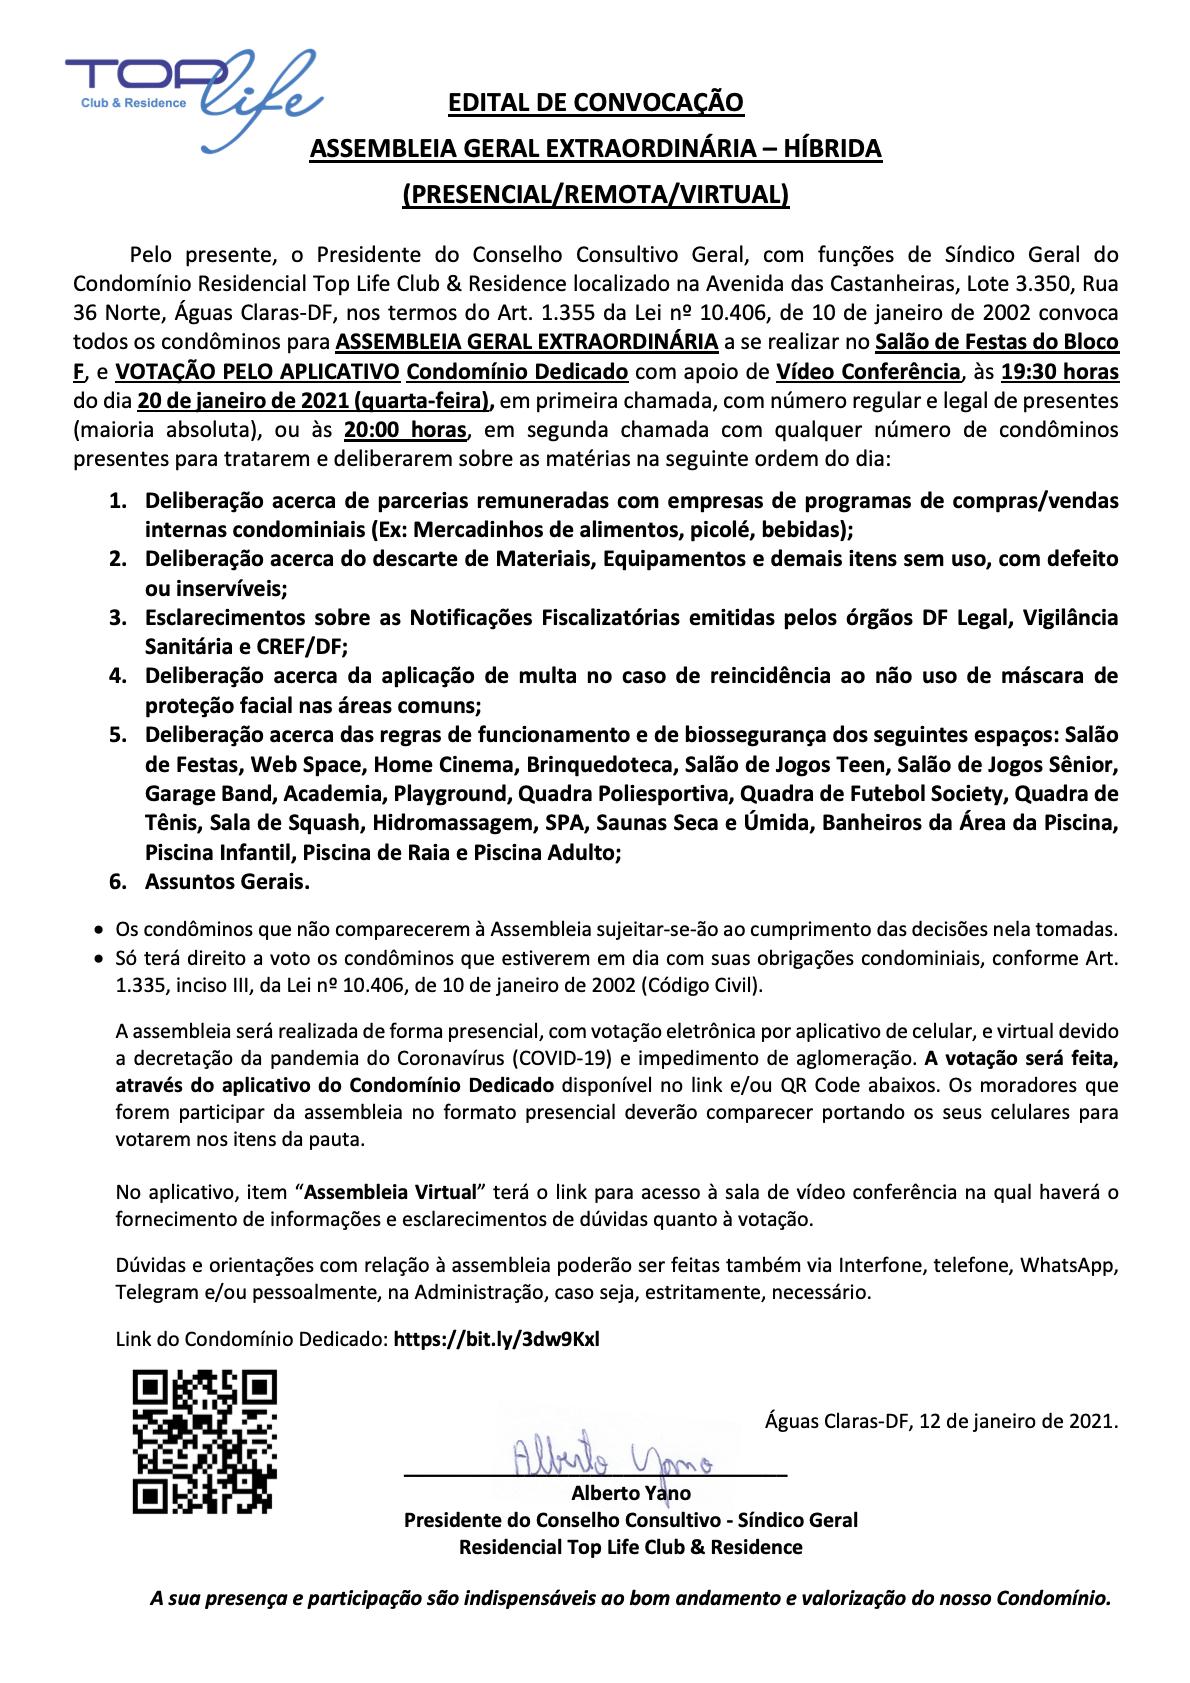 Edital Assembleia Geral Extraordinária 20/01/2021 (Quarta-Feira)